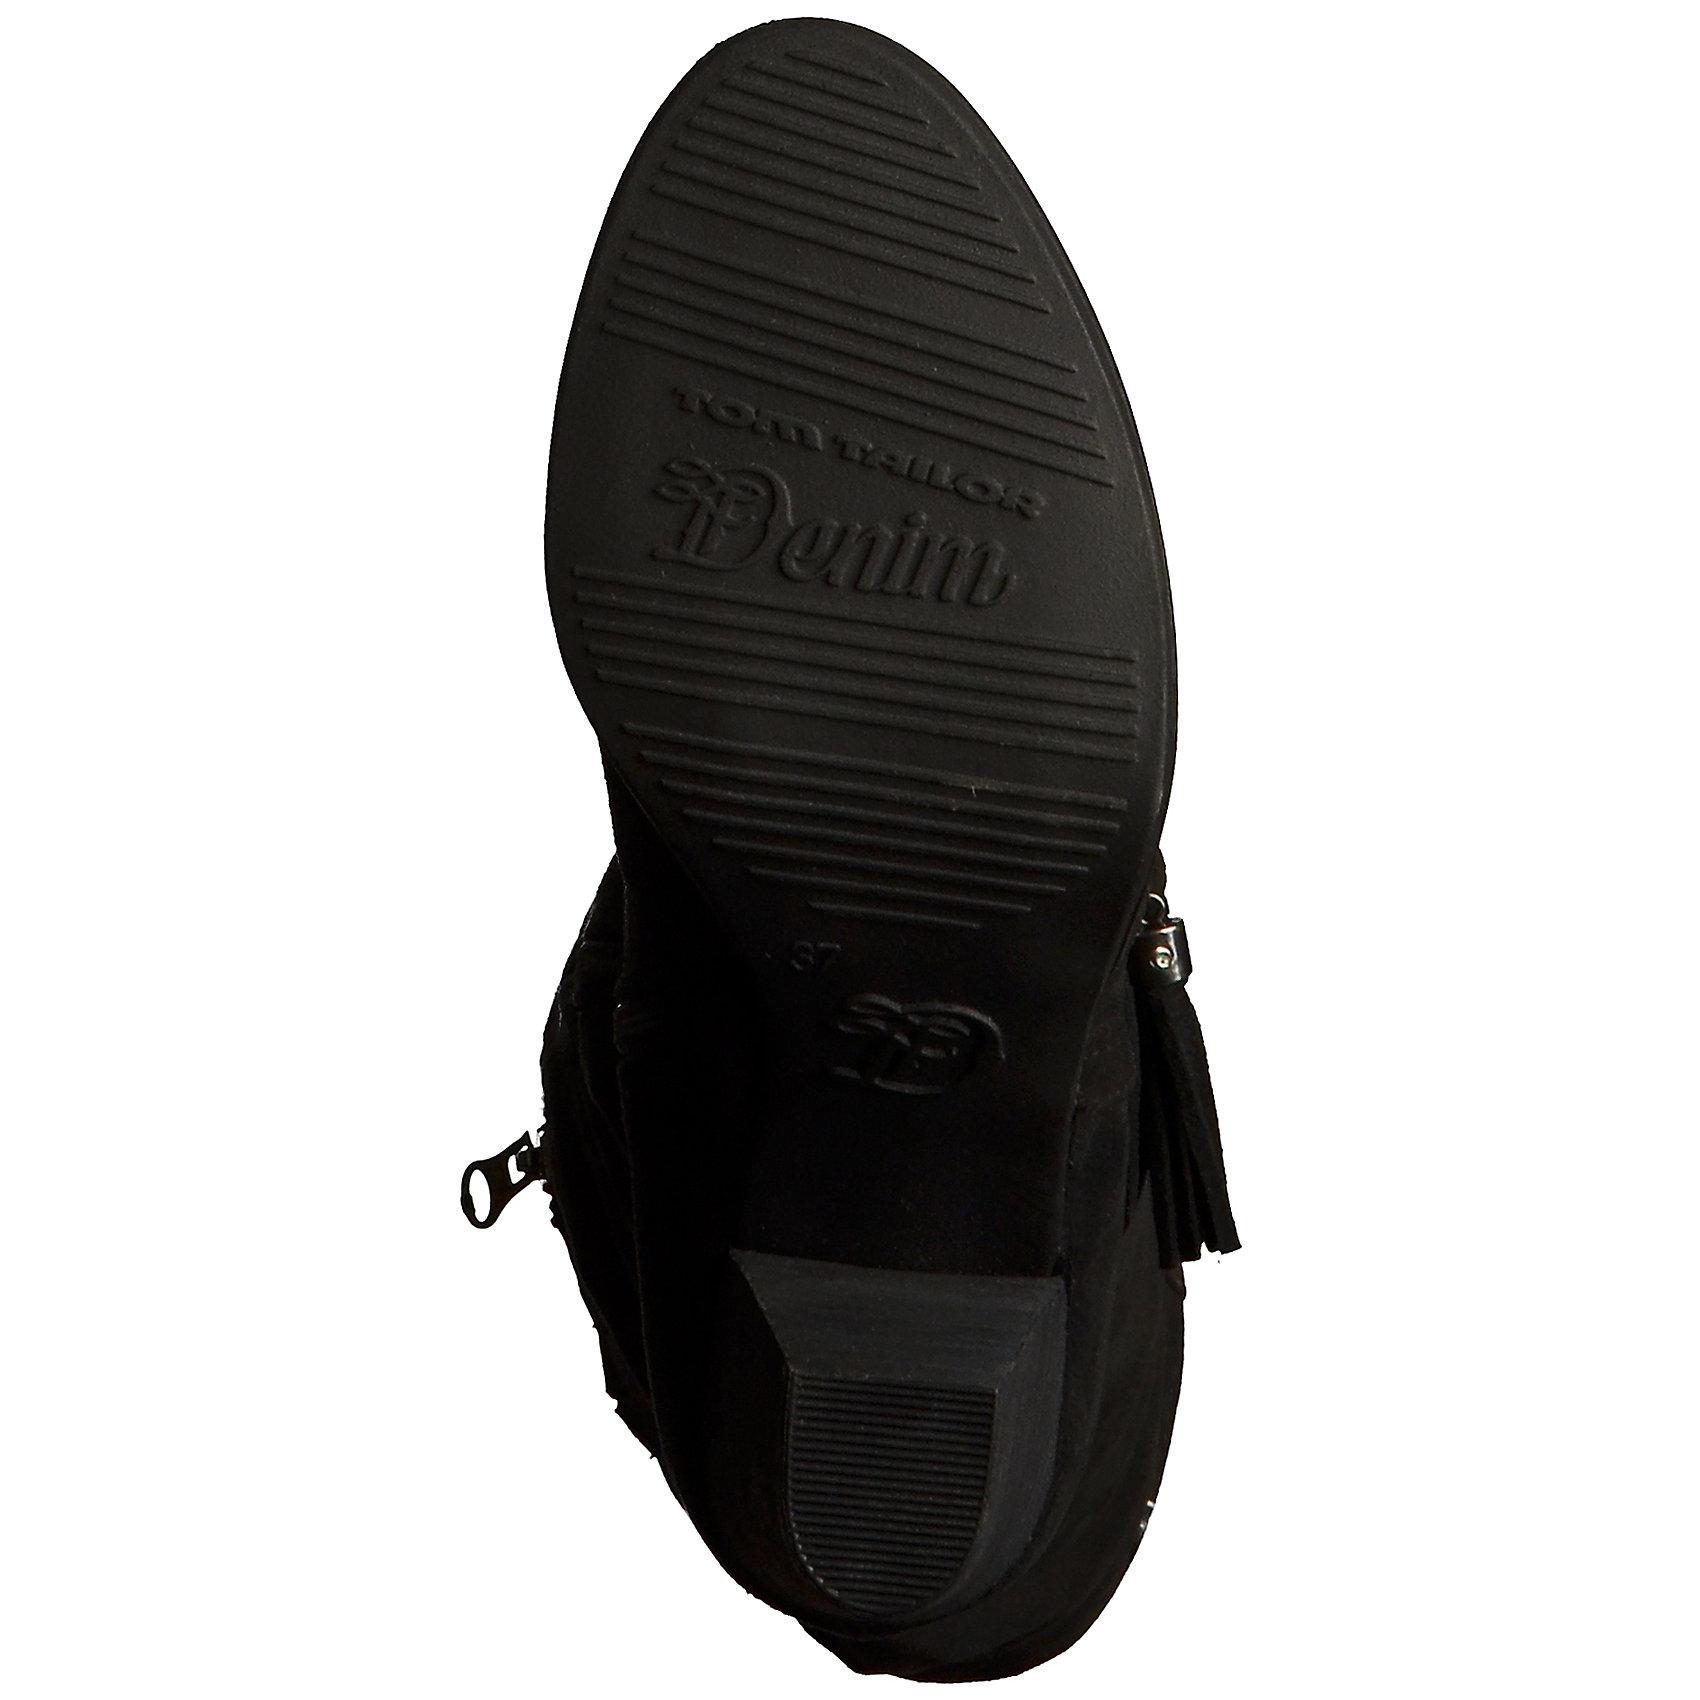 Neu TOM TAILOR Stiefel Stiefel Stiefel schwarz 5767989 5783c4